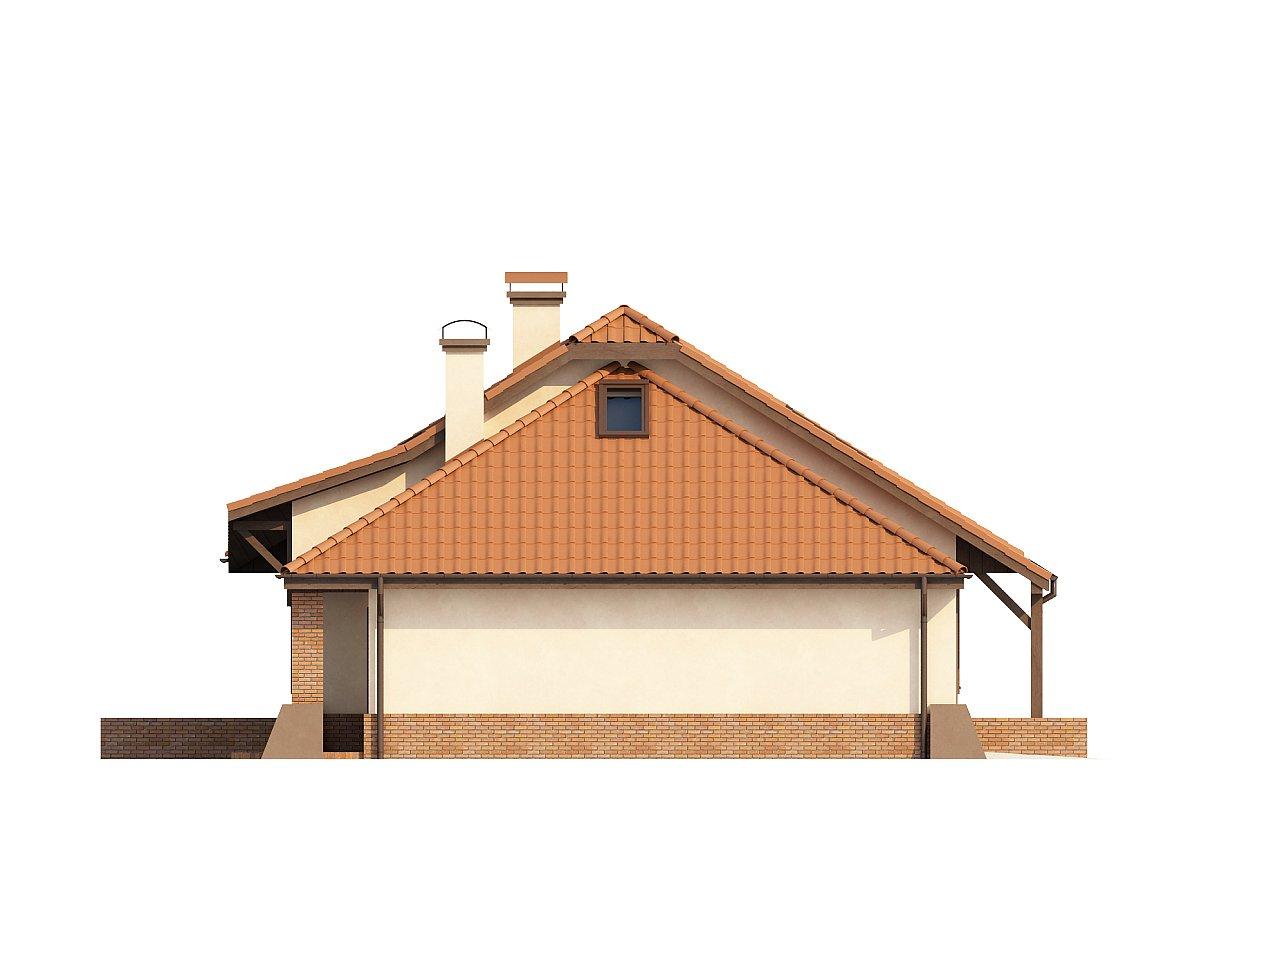 Просторный дом с гаражом, большим хозяйственным помещением и угловой террасой. - фото 5